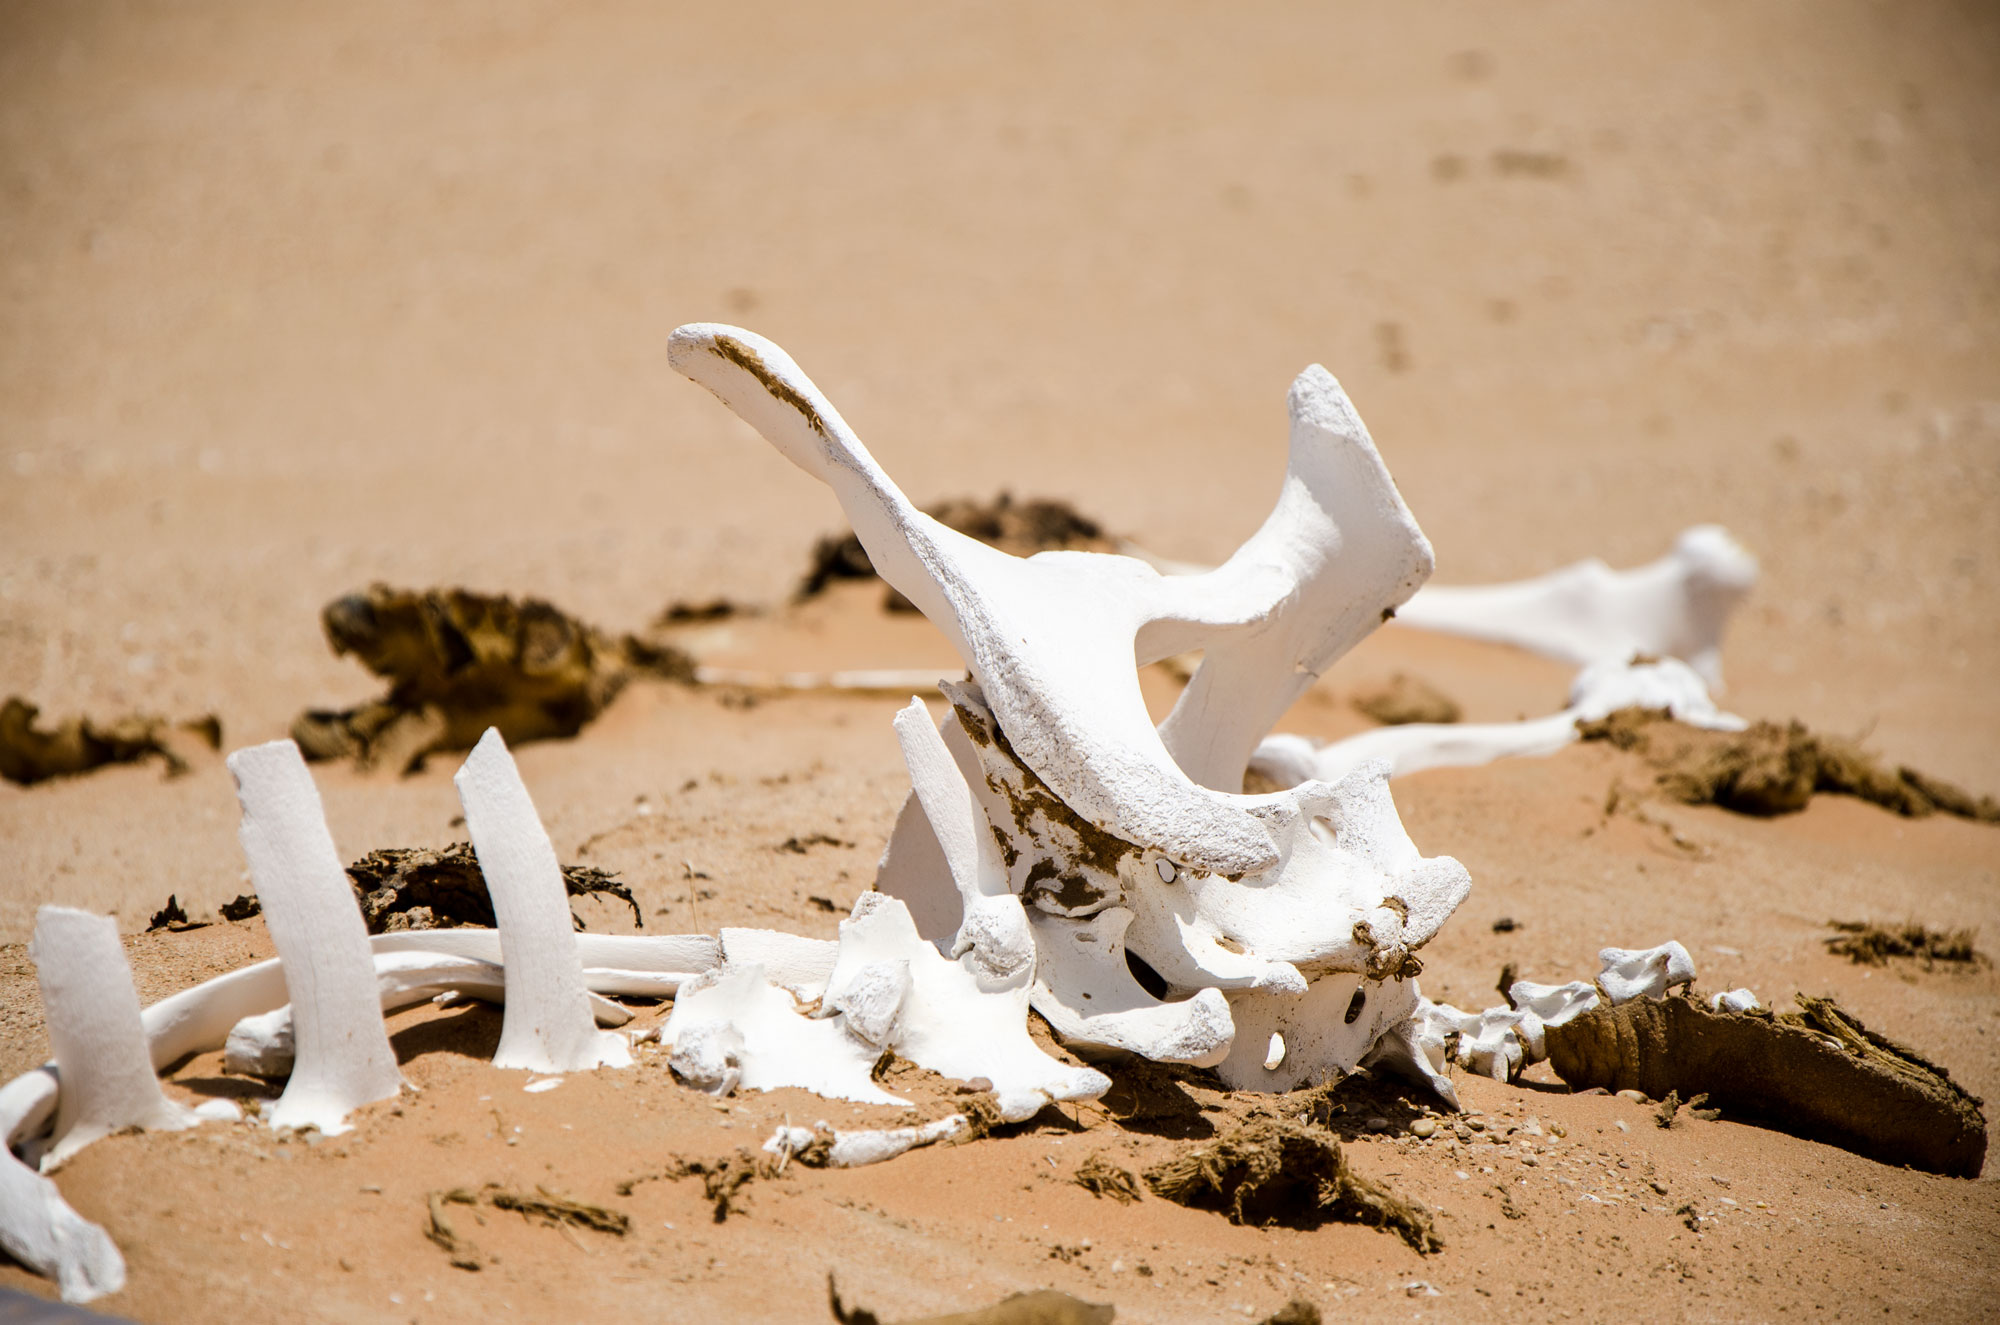 Da die Kamele nicht geschlachtet werden, ziehen sie sich wenn sie alt sind, in die Wüste zurück. Skelette im Wüstensand sind daher keine Seltenheit. Foto: Lothar Ruttner